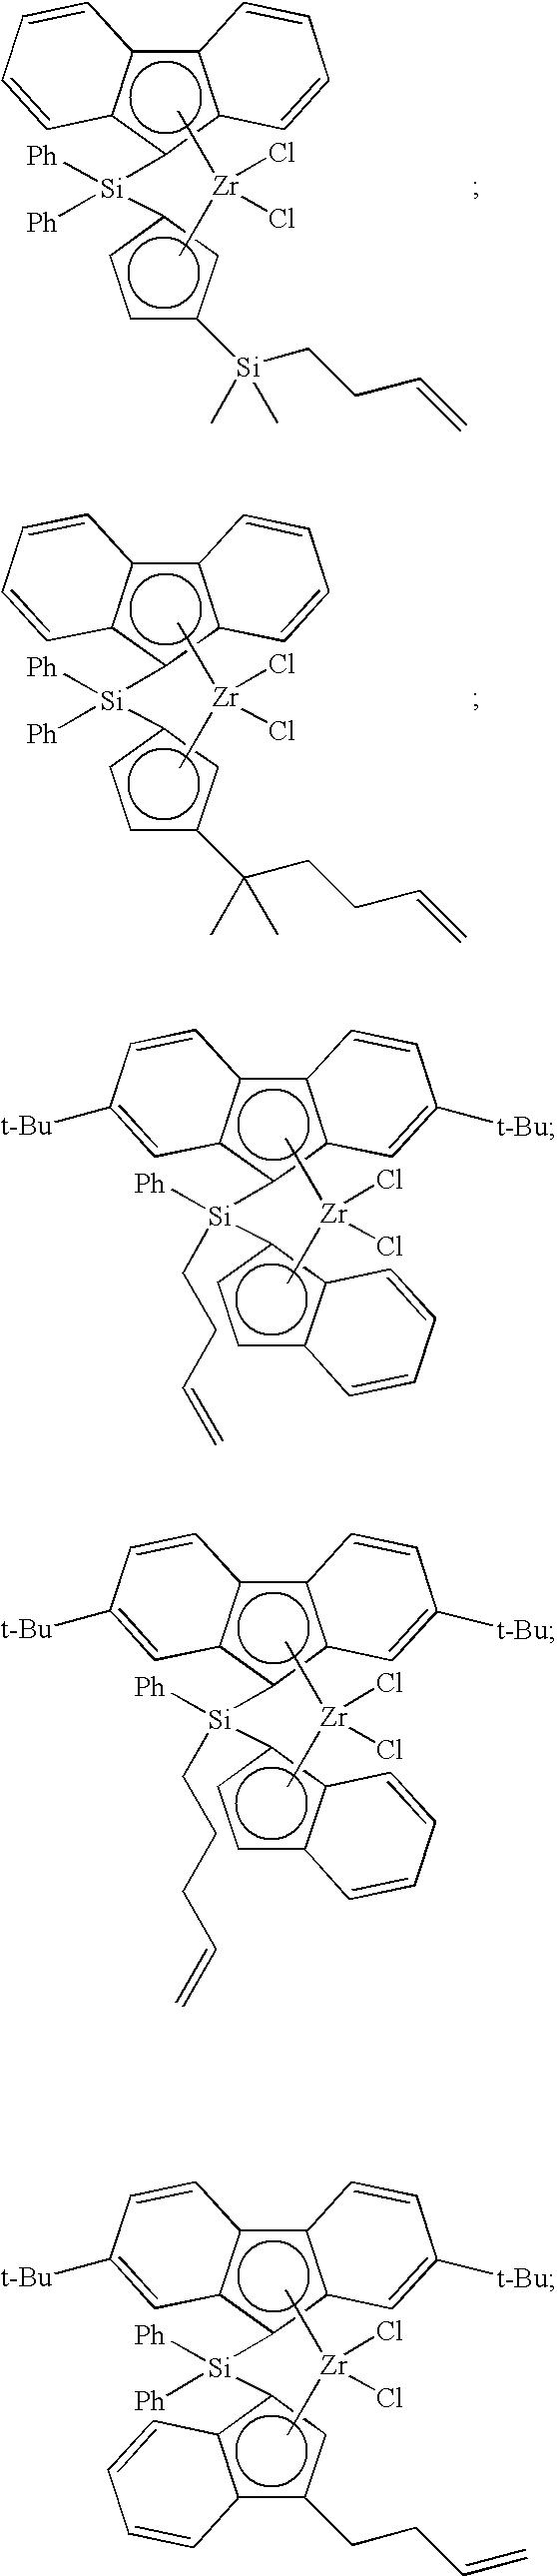 Figure US20100331505A1-20101230-C00017